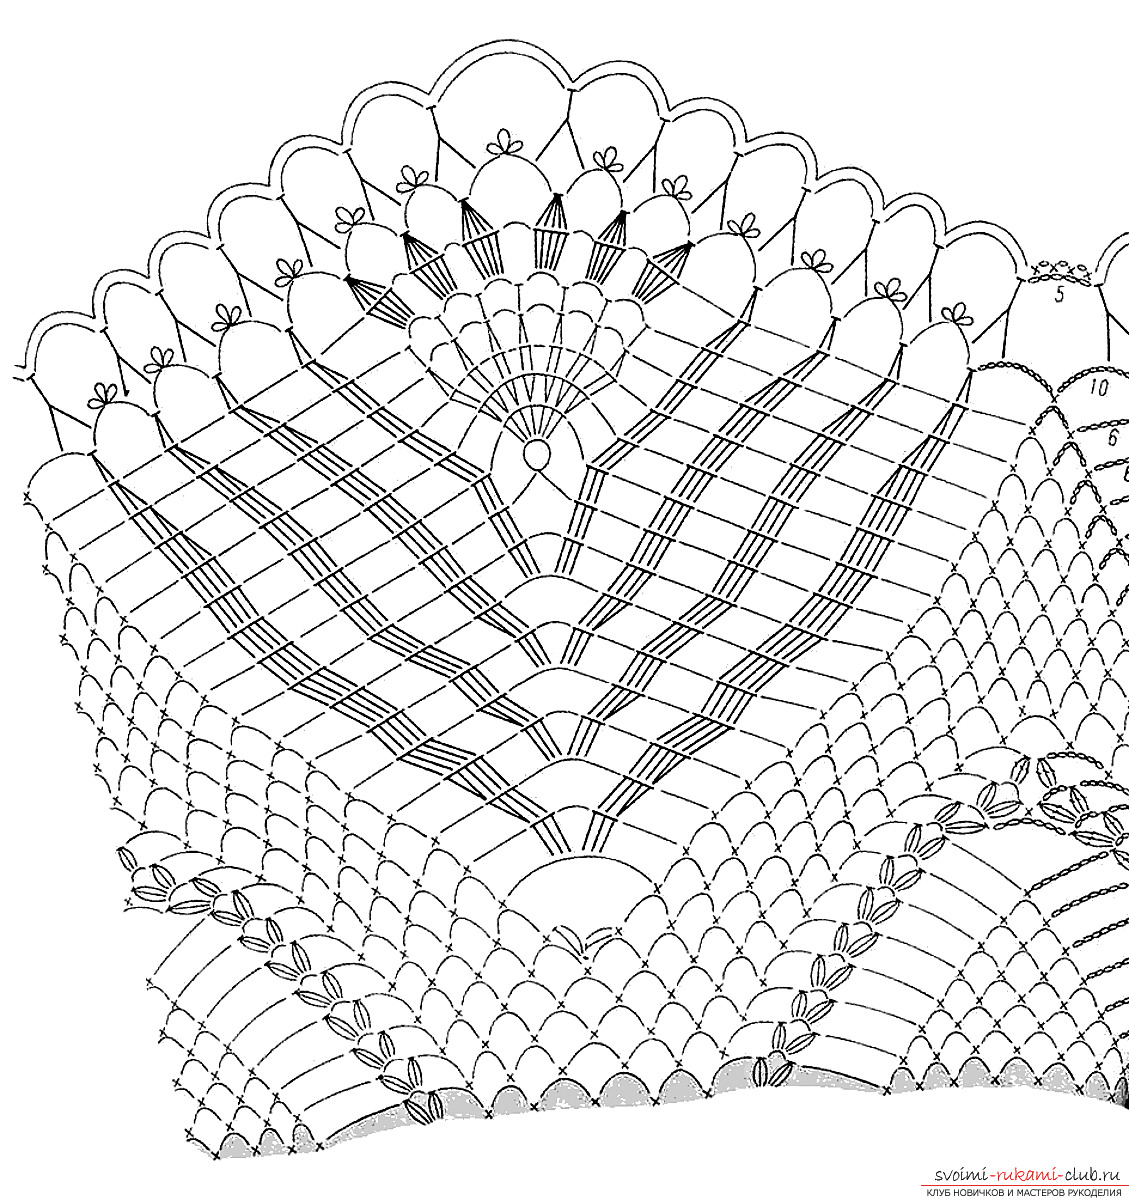 Вязание ажурной скатерти для кухонного стола